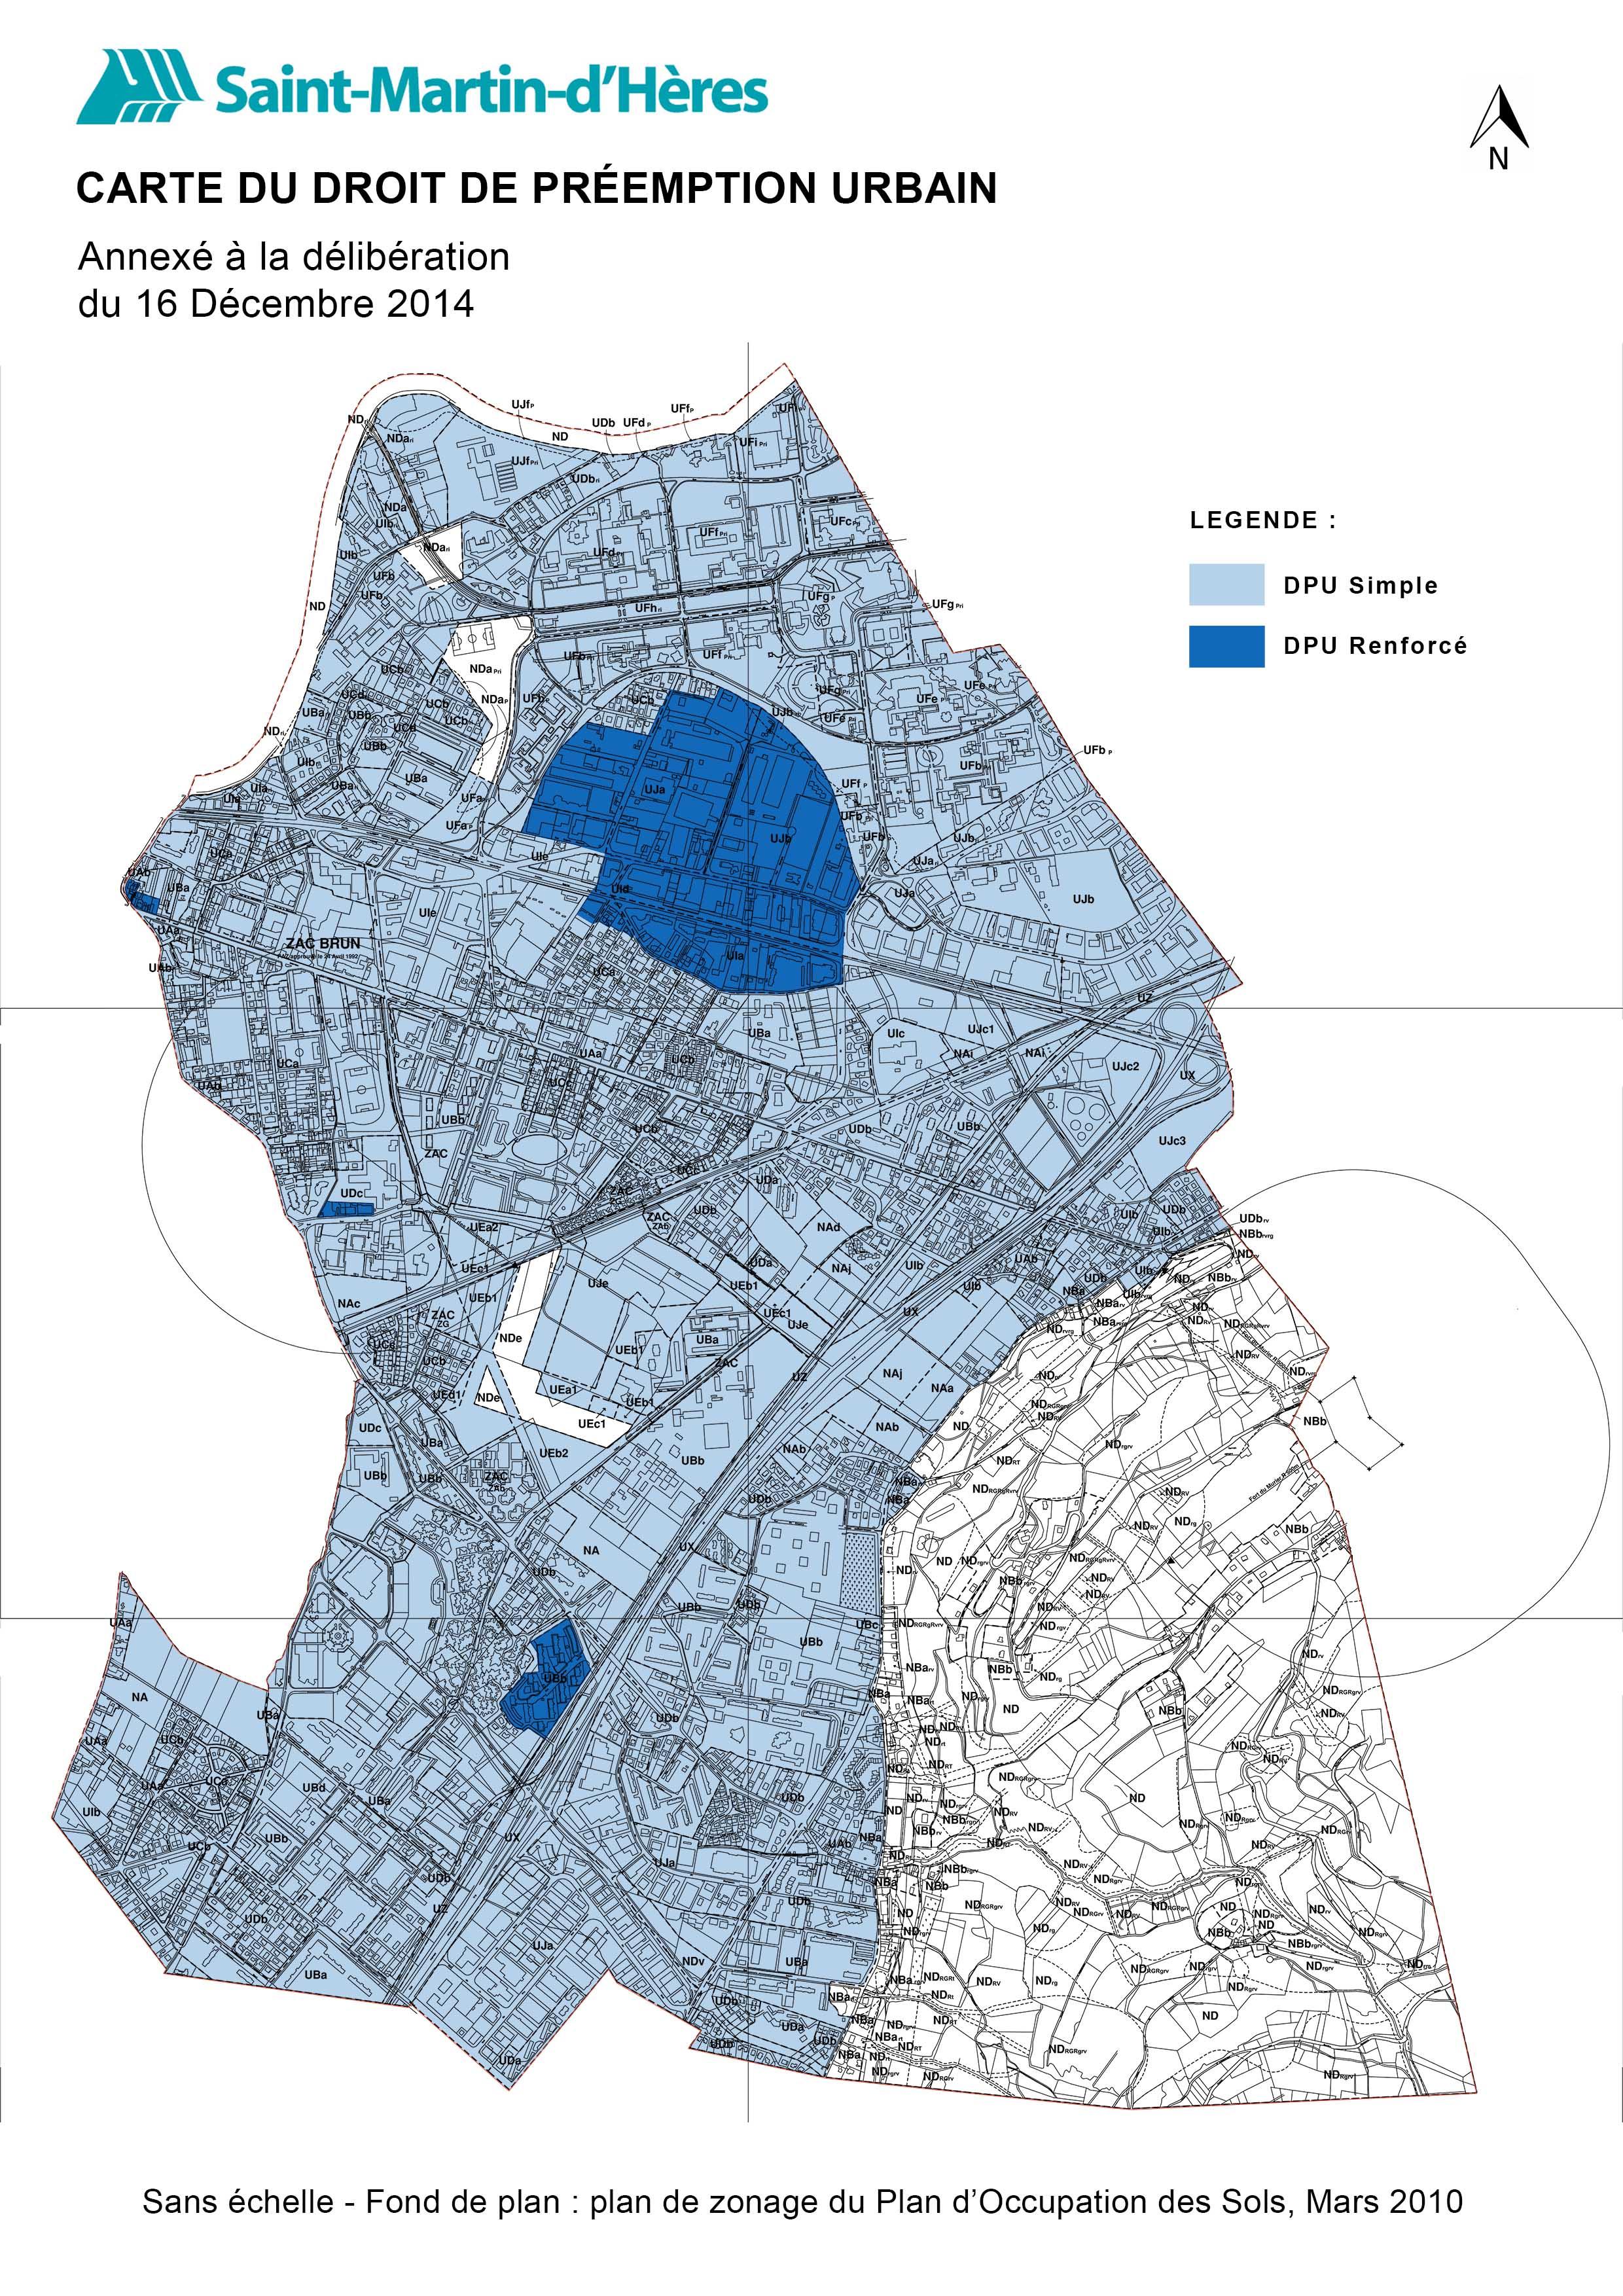 Carte générale du DPUR